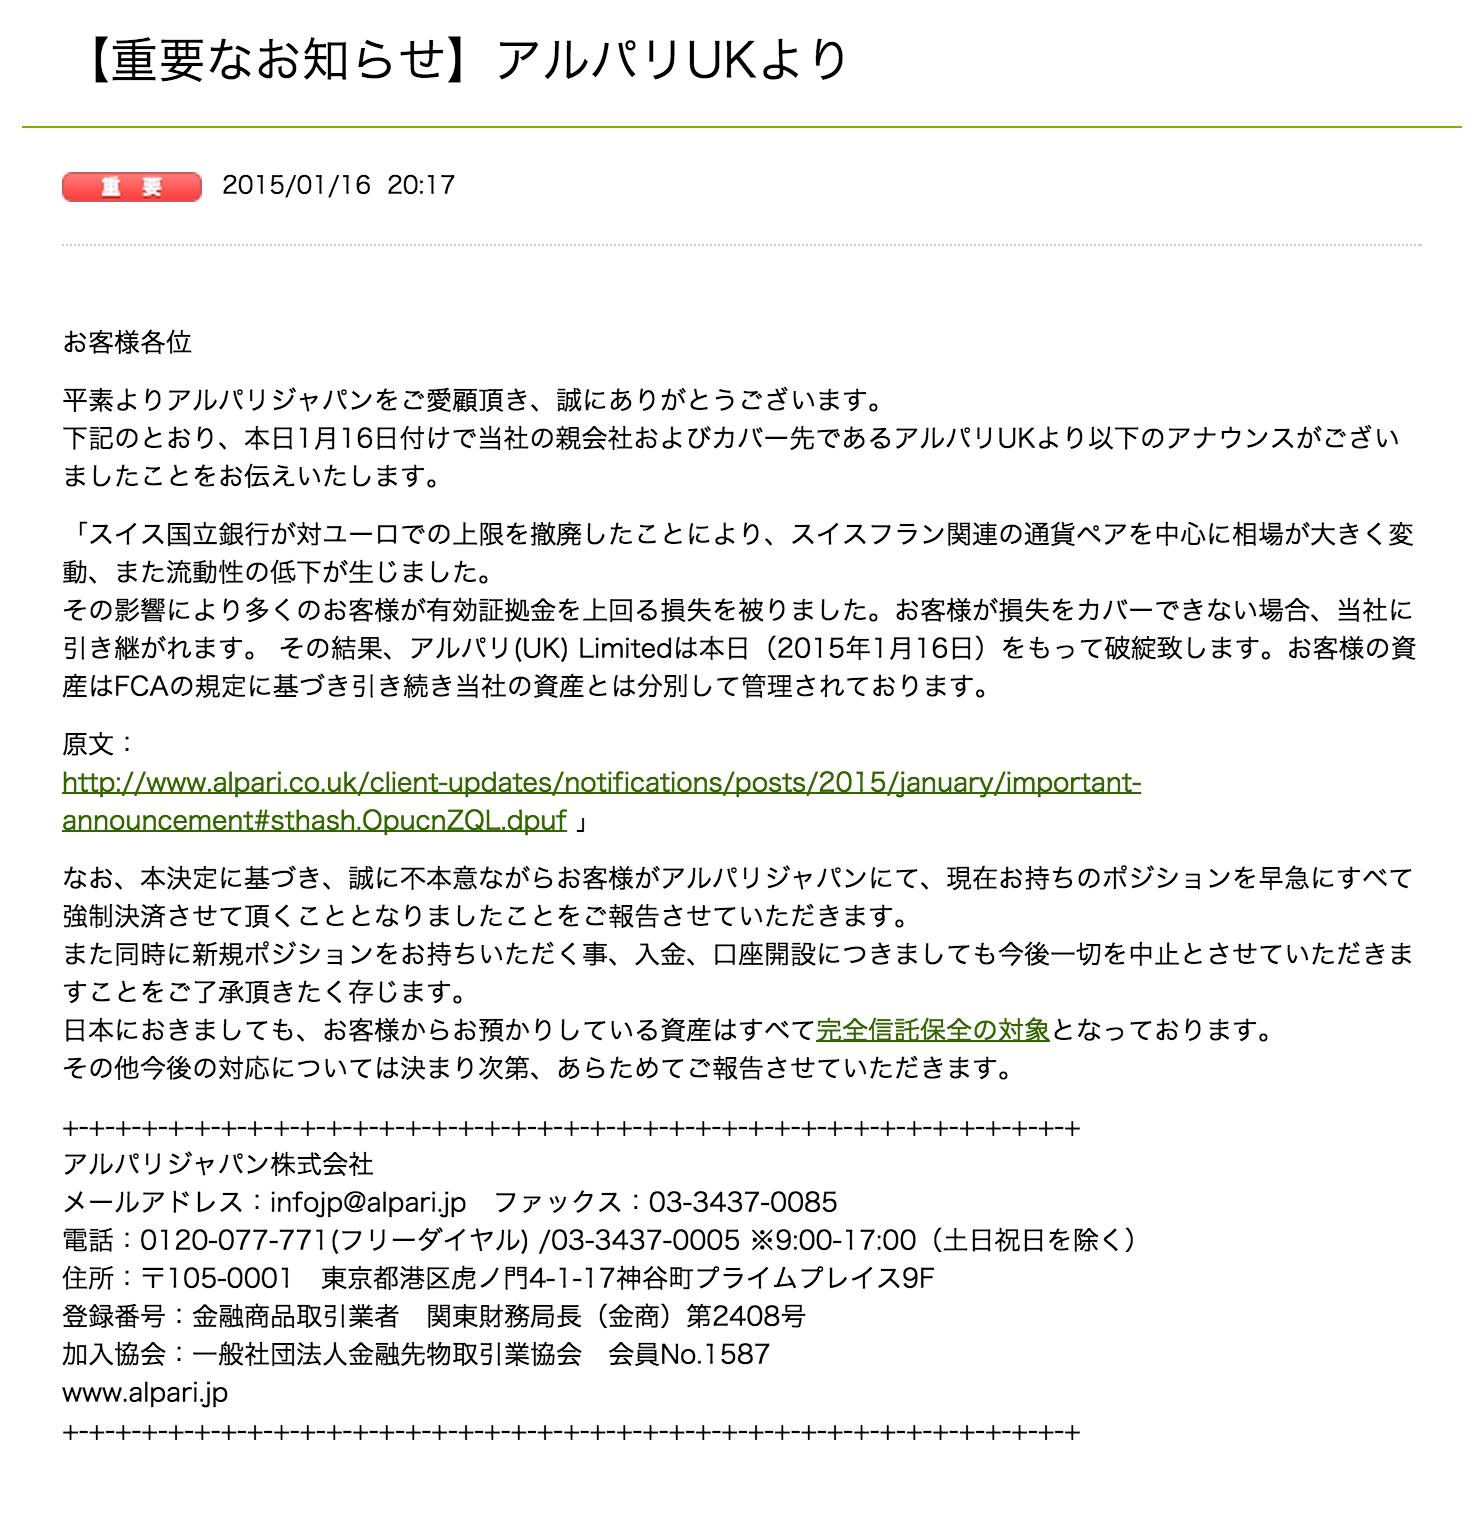 スクリーンショット 2015-01-16 21.41.44